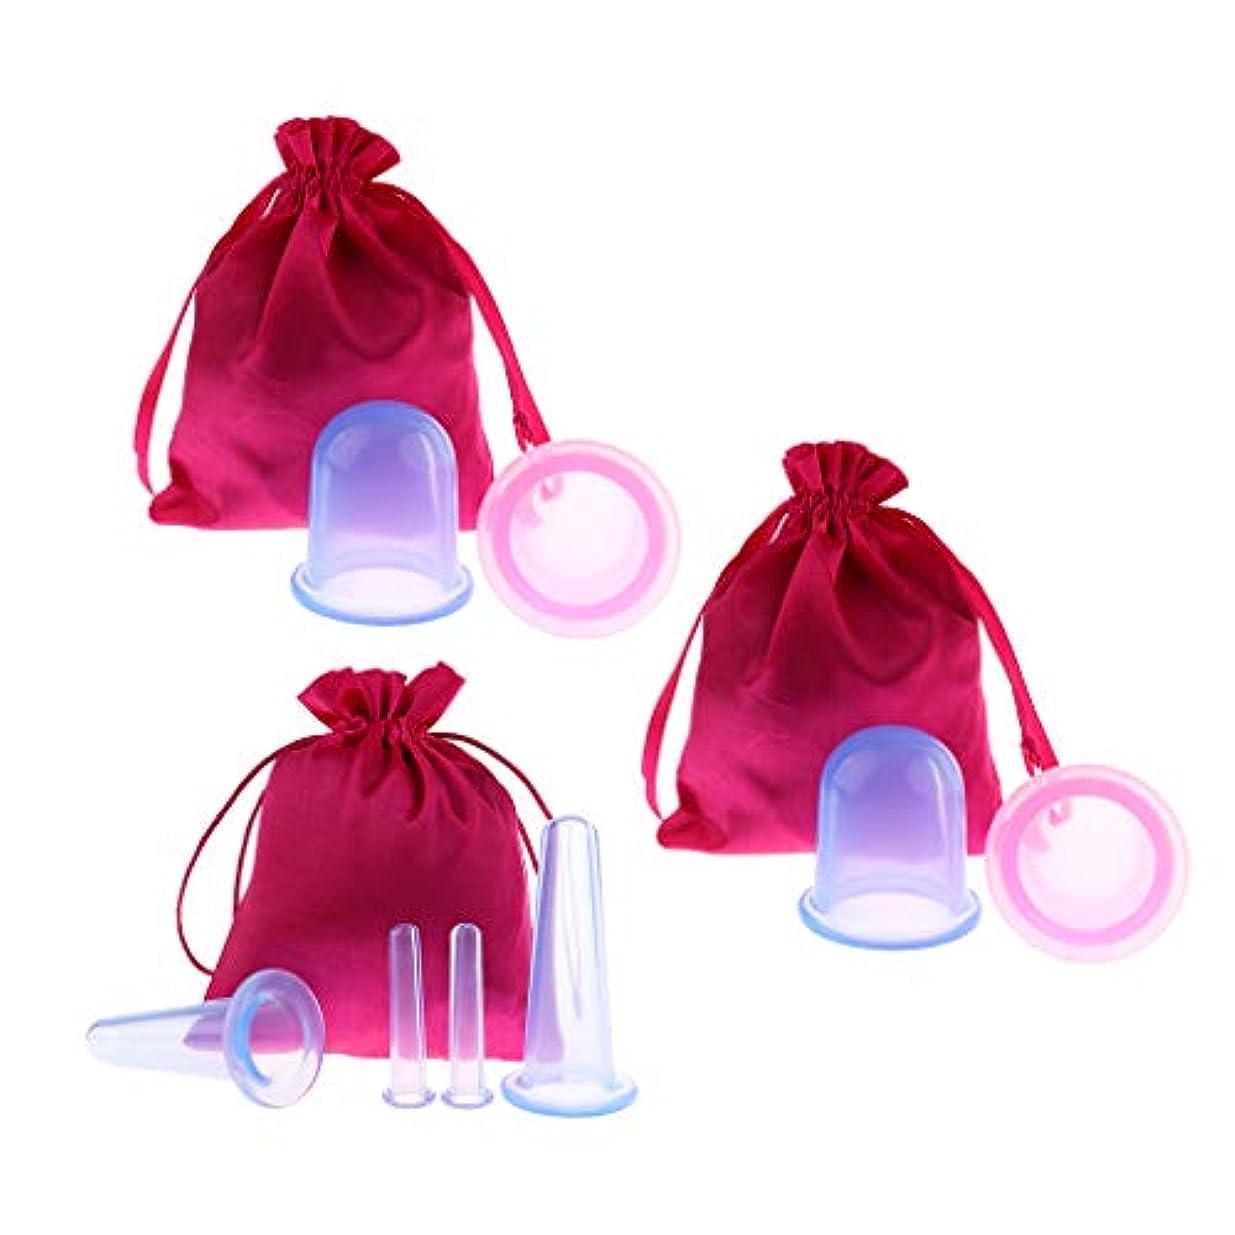 隠口債務Baoblaze 8個 真空カッピングボディカップ シリコーン 美容院 スパ リラックス